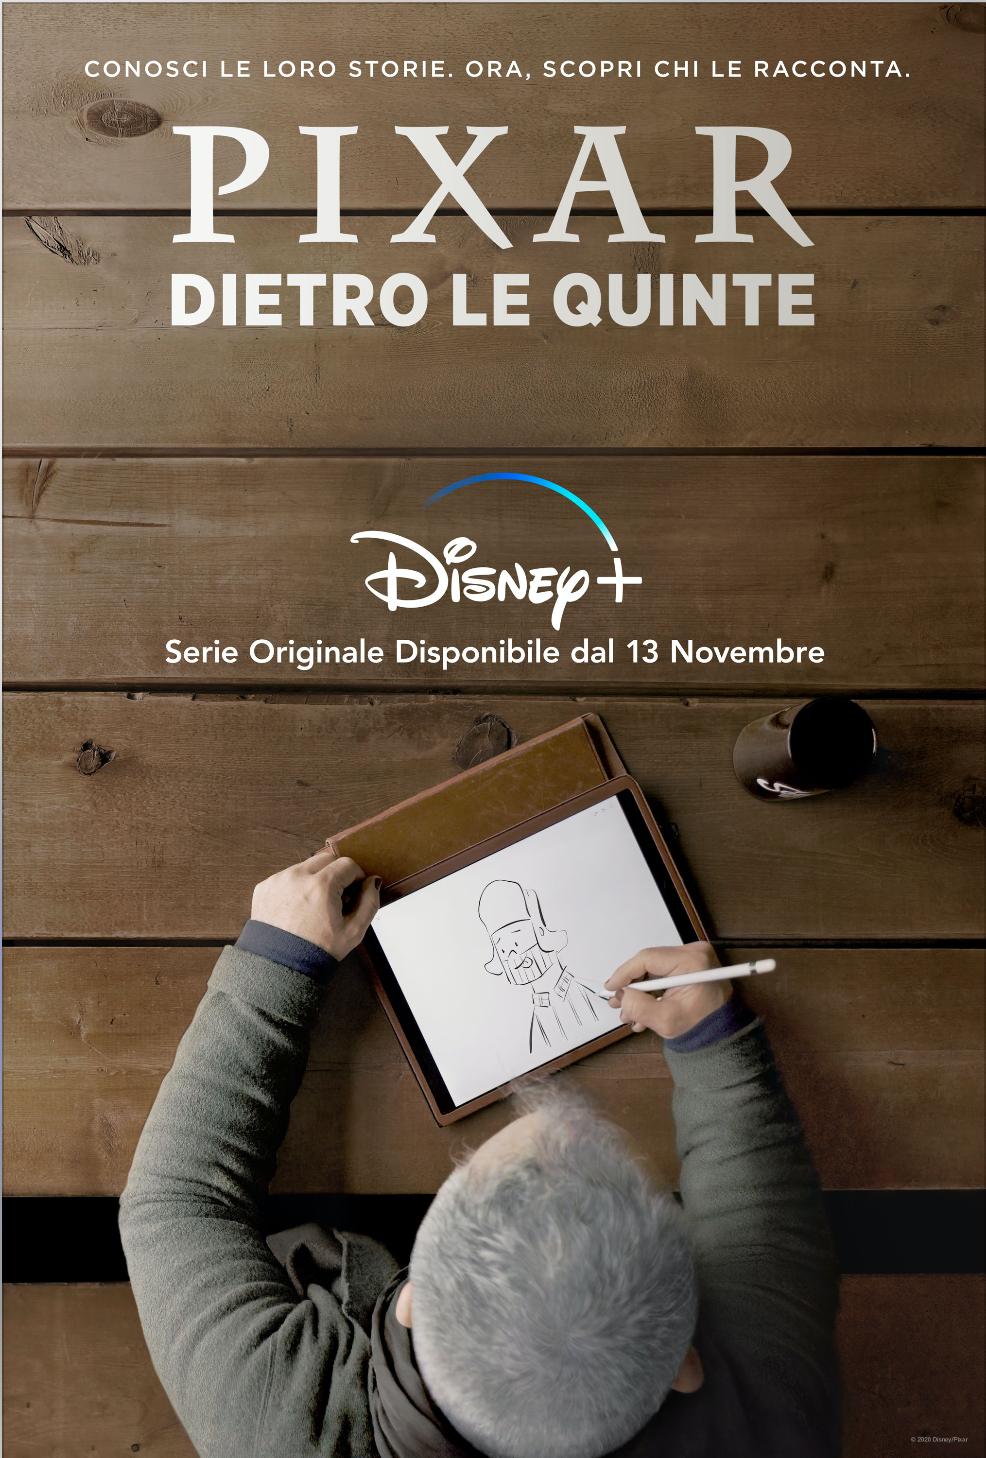 Pixar - Dietro le quinte